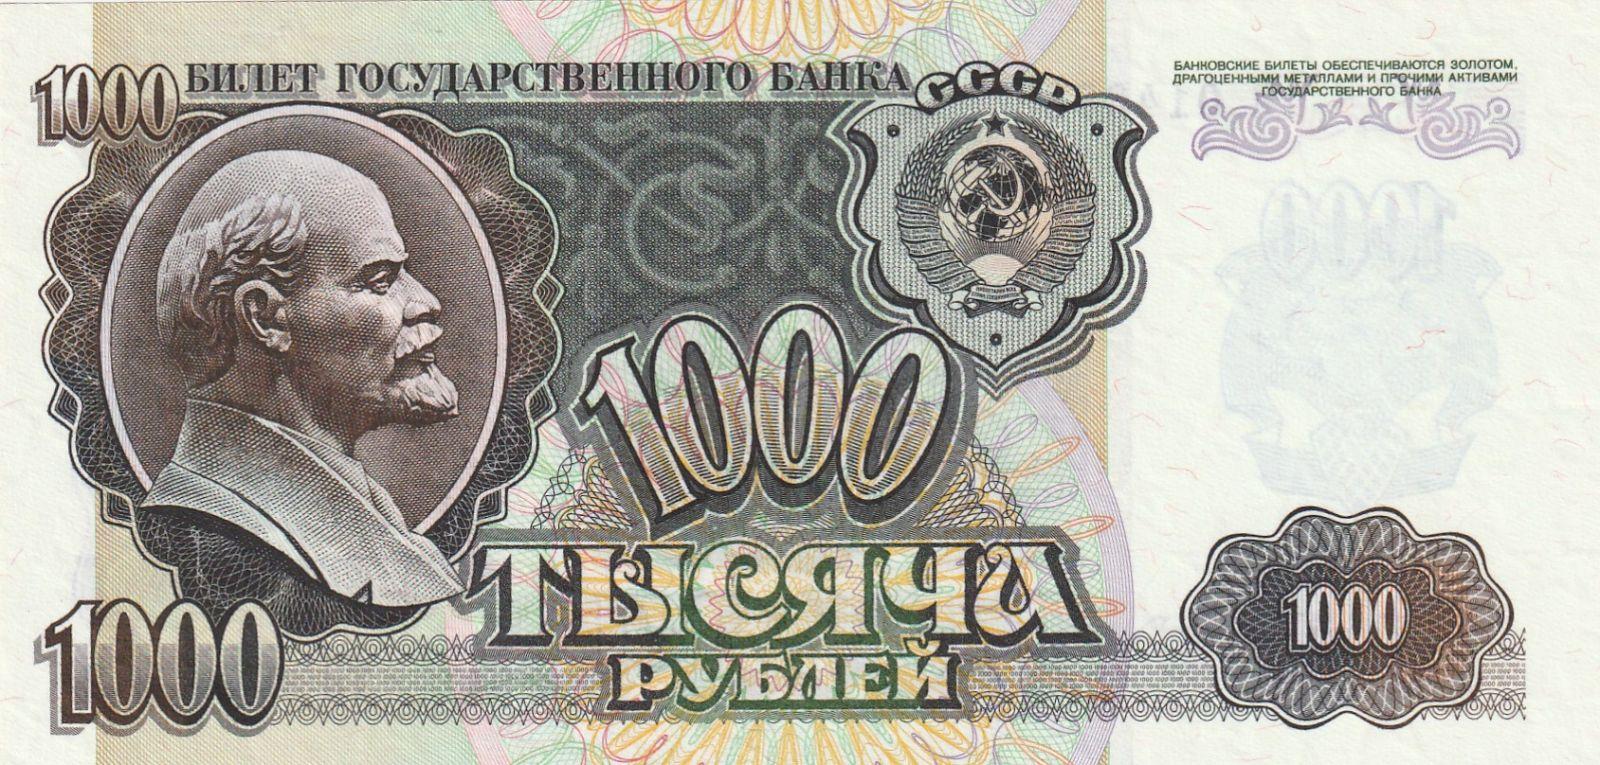 Rubl баррик голд